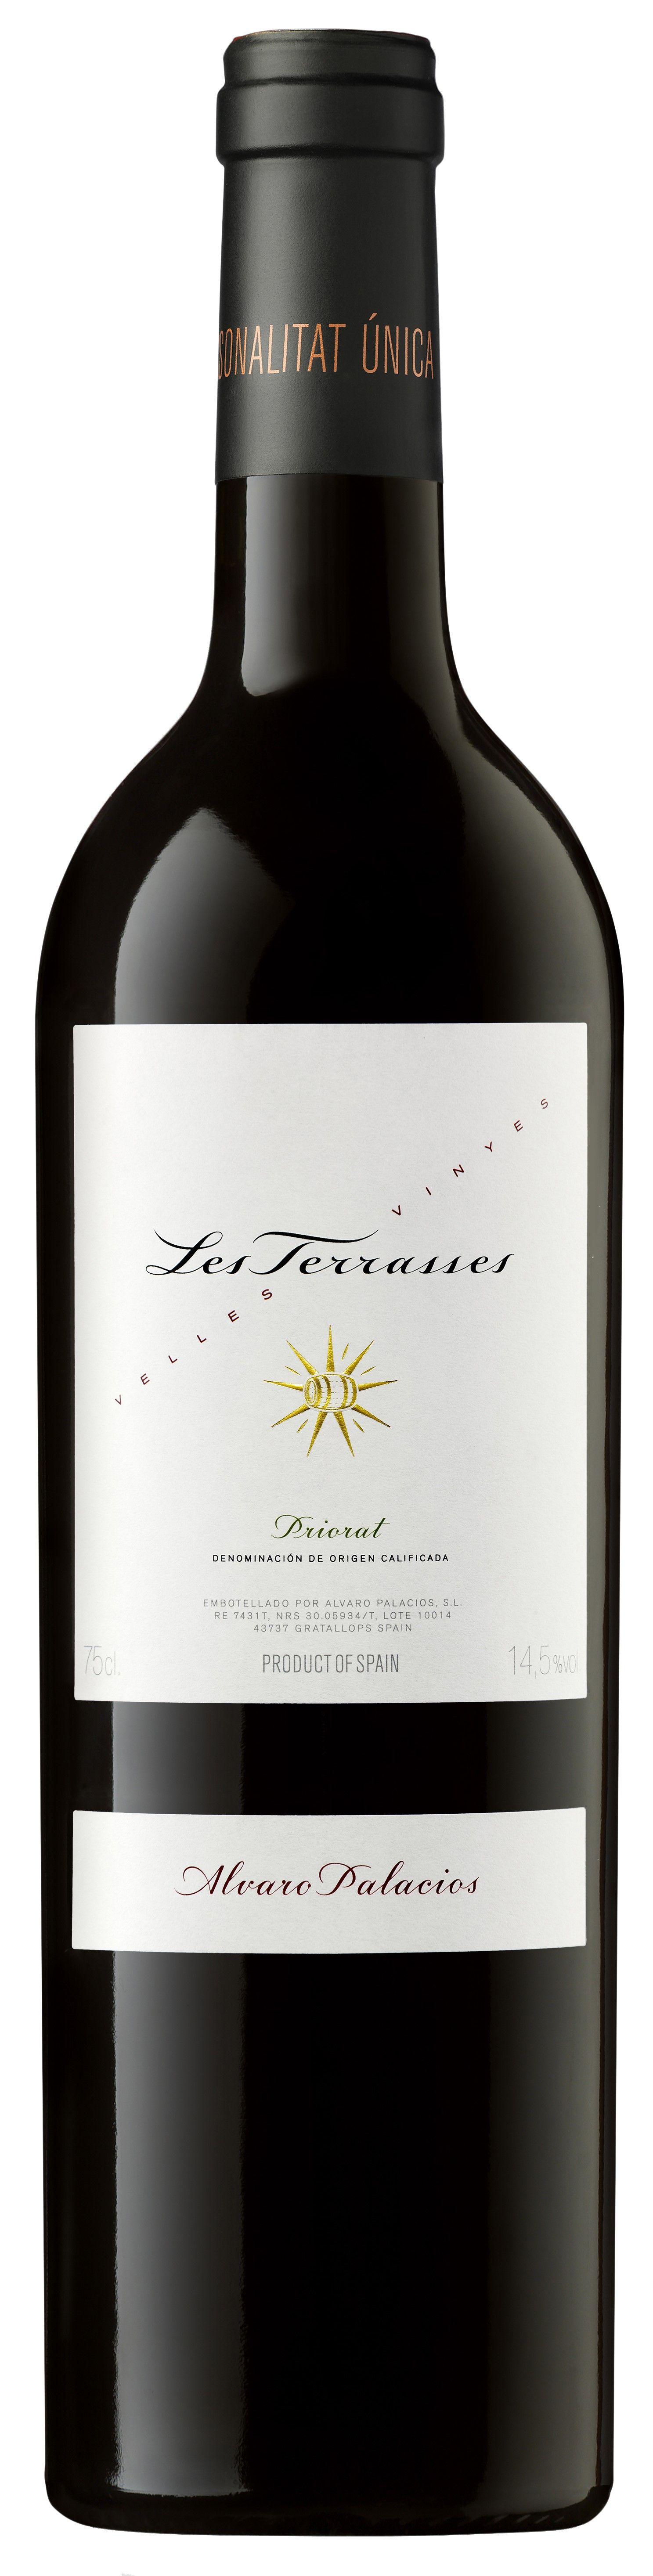 Alvaro Palacios Les Terrasses Priorat Old Vines